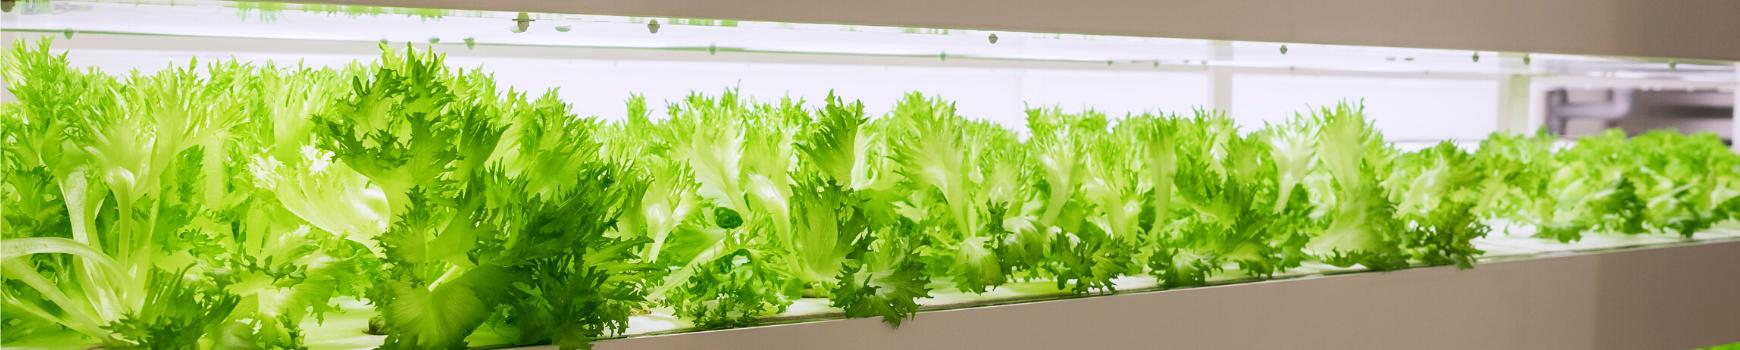 future of farming photo